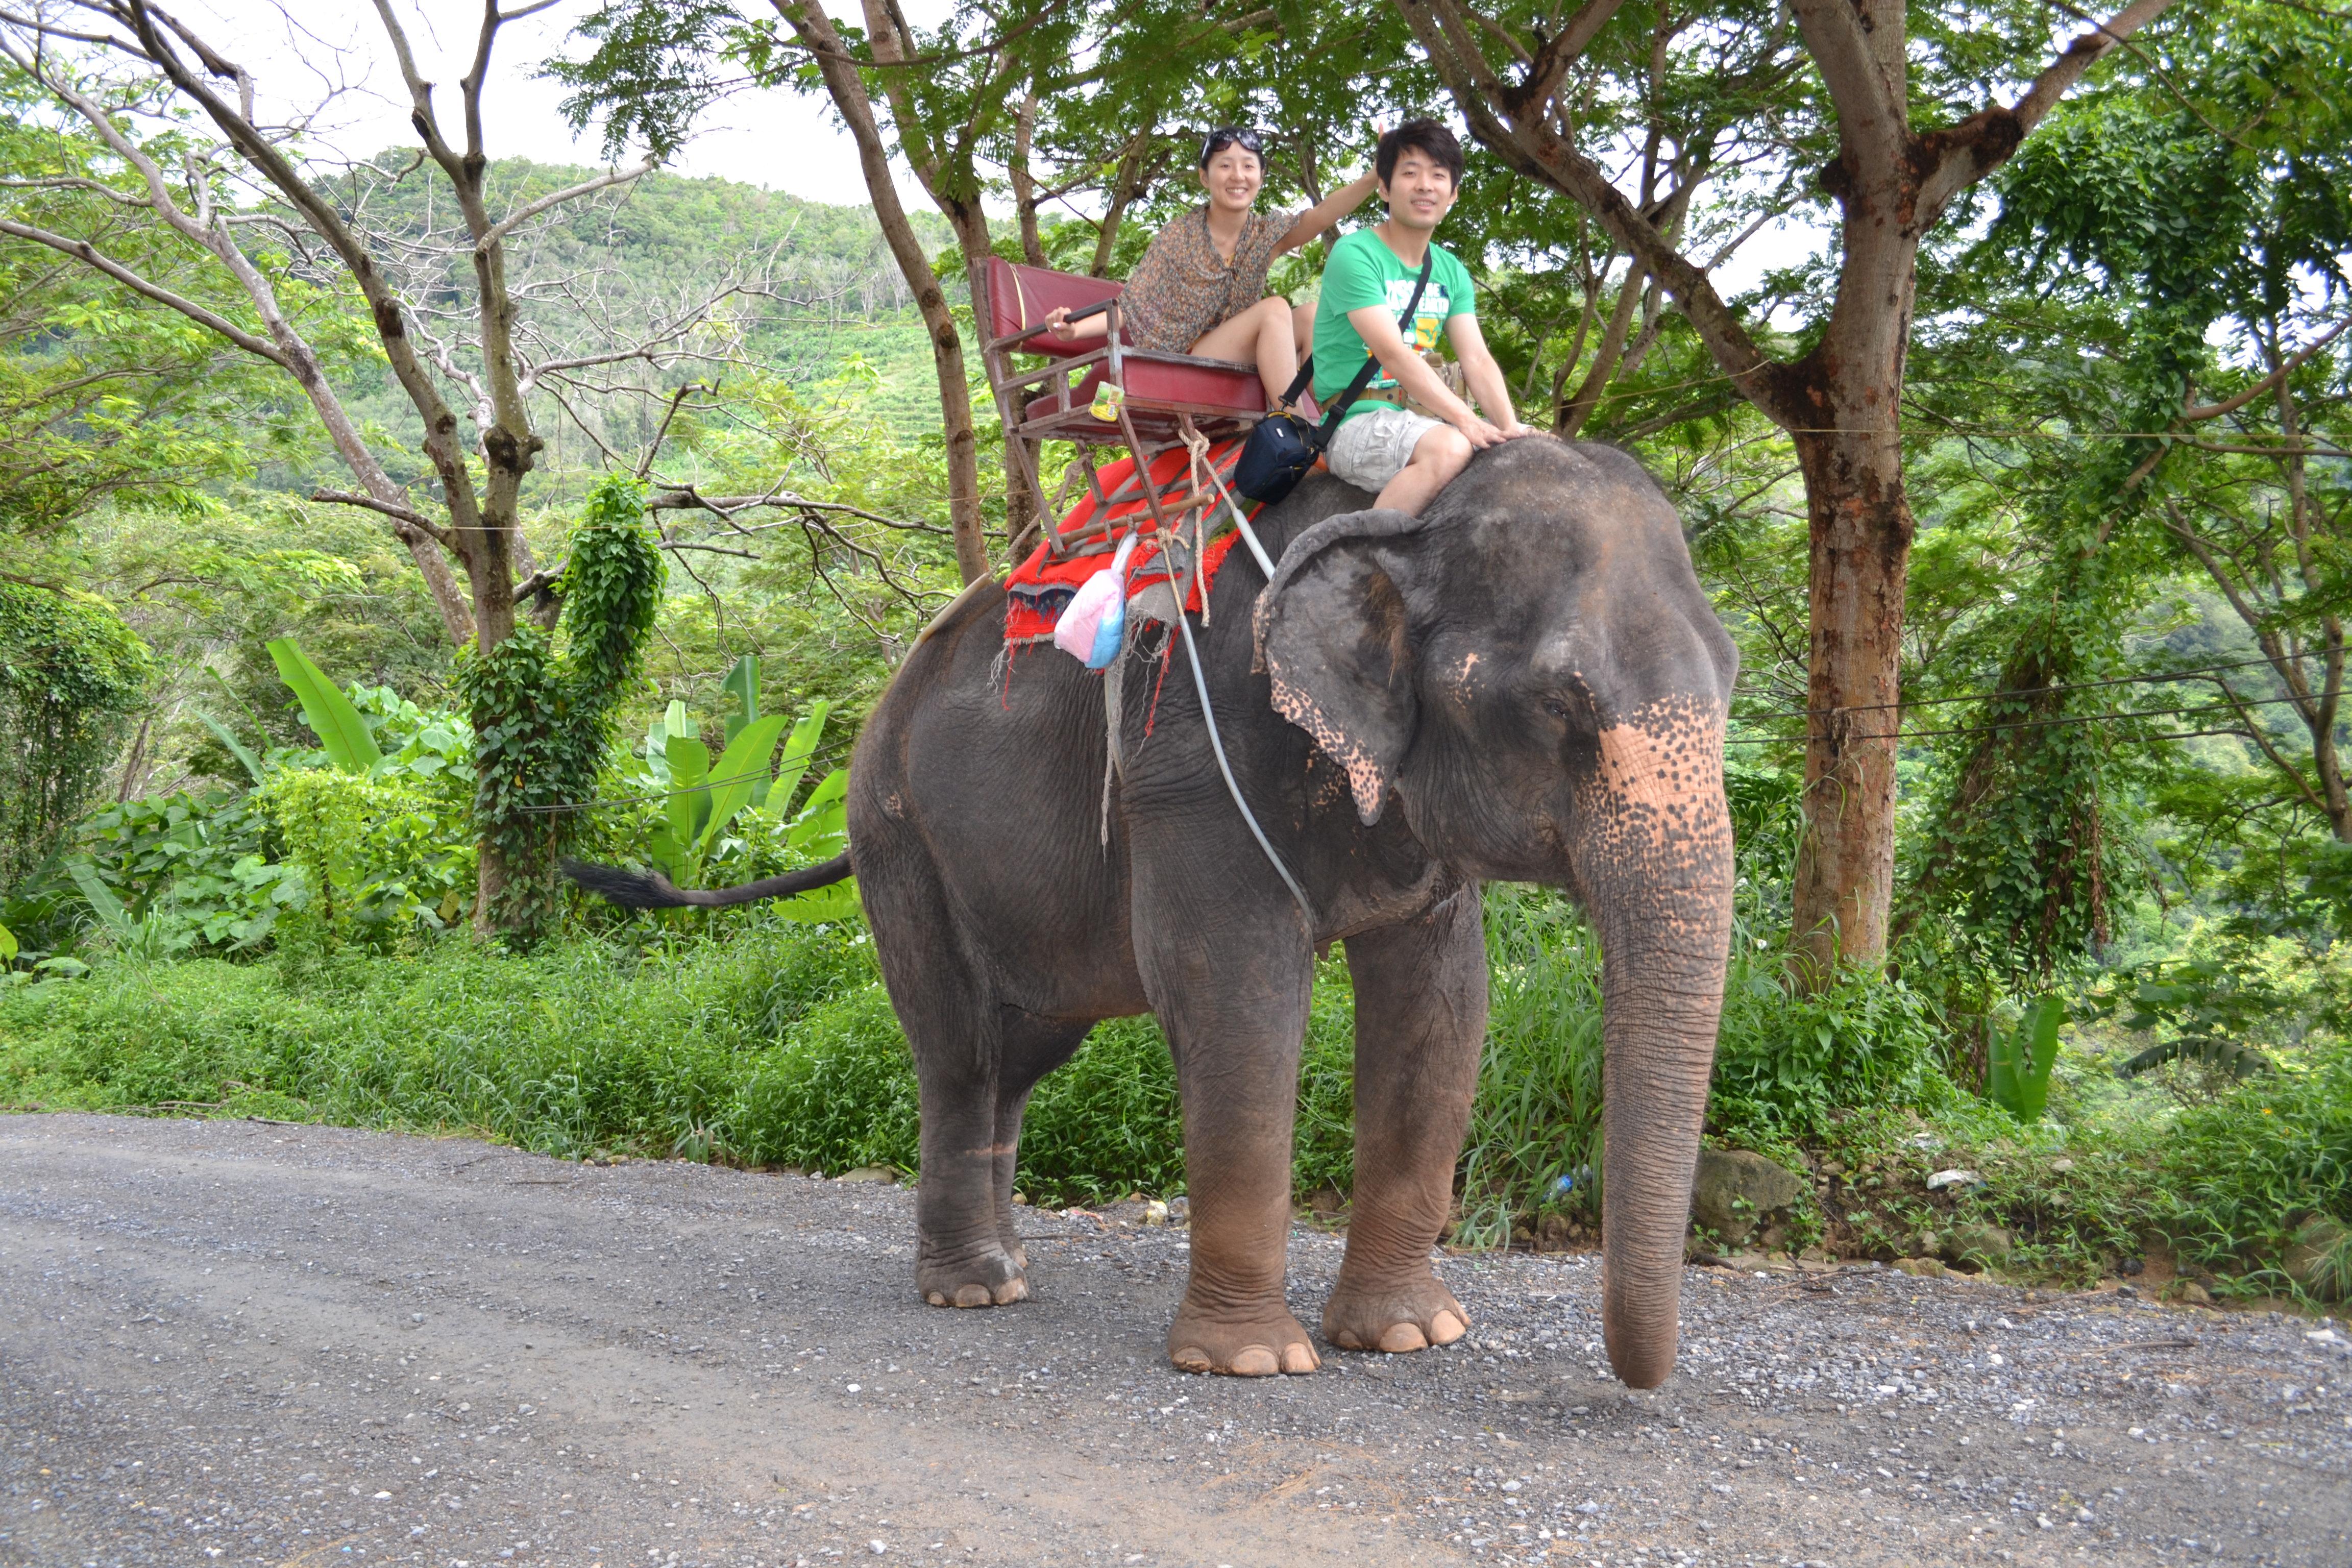 (都快尿成小溪了,咱们骑的大象可是母的哦,有40多岁了) 森林骑大象